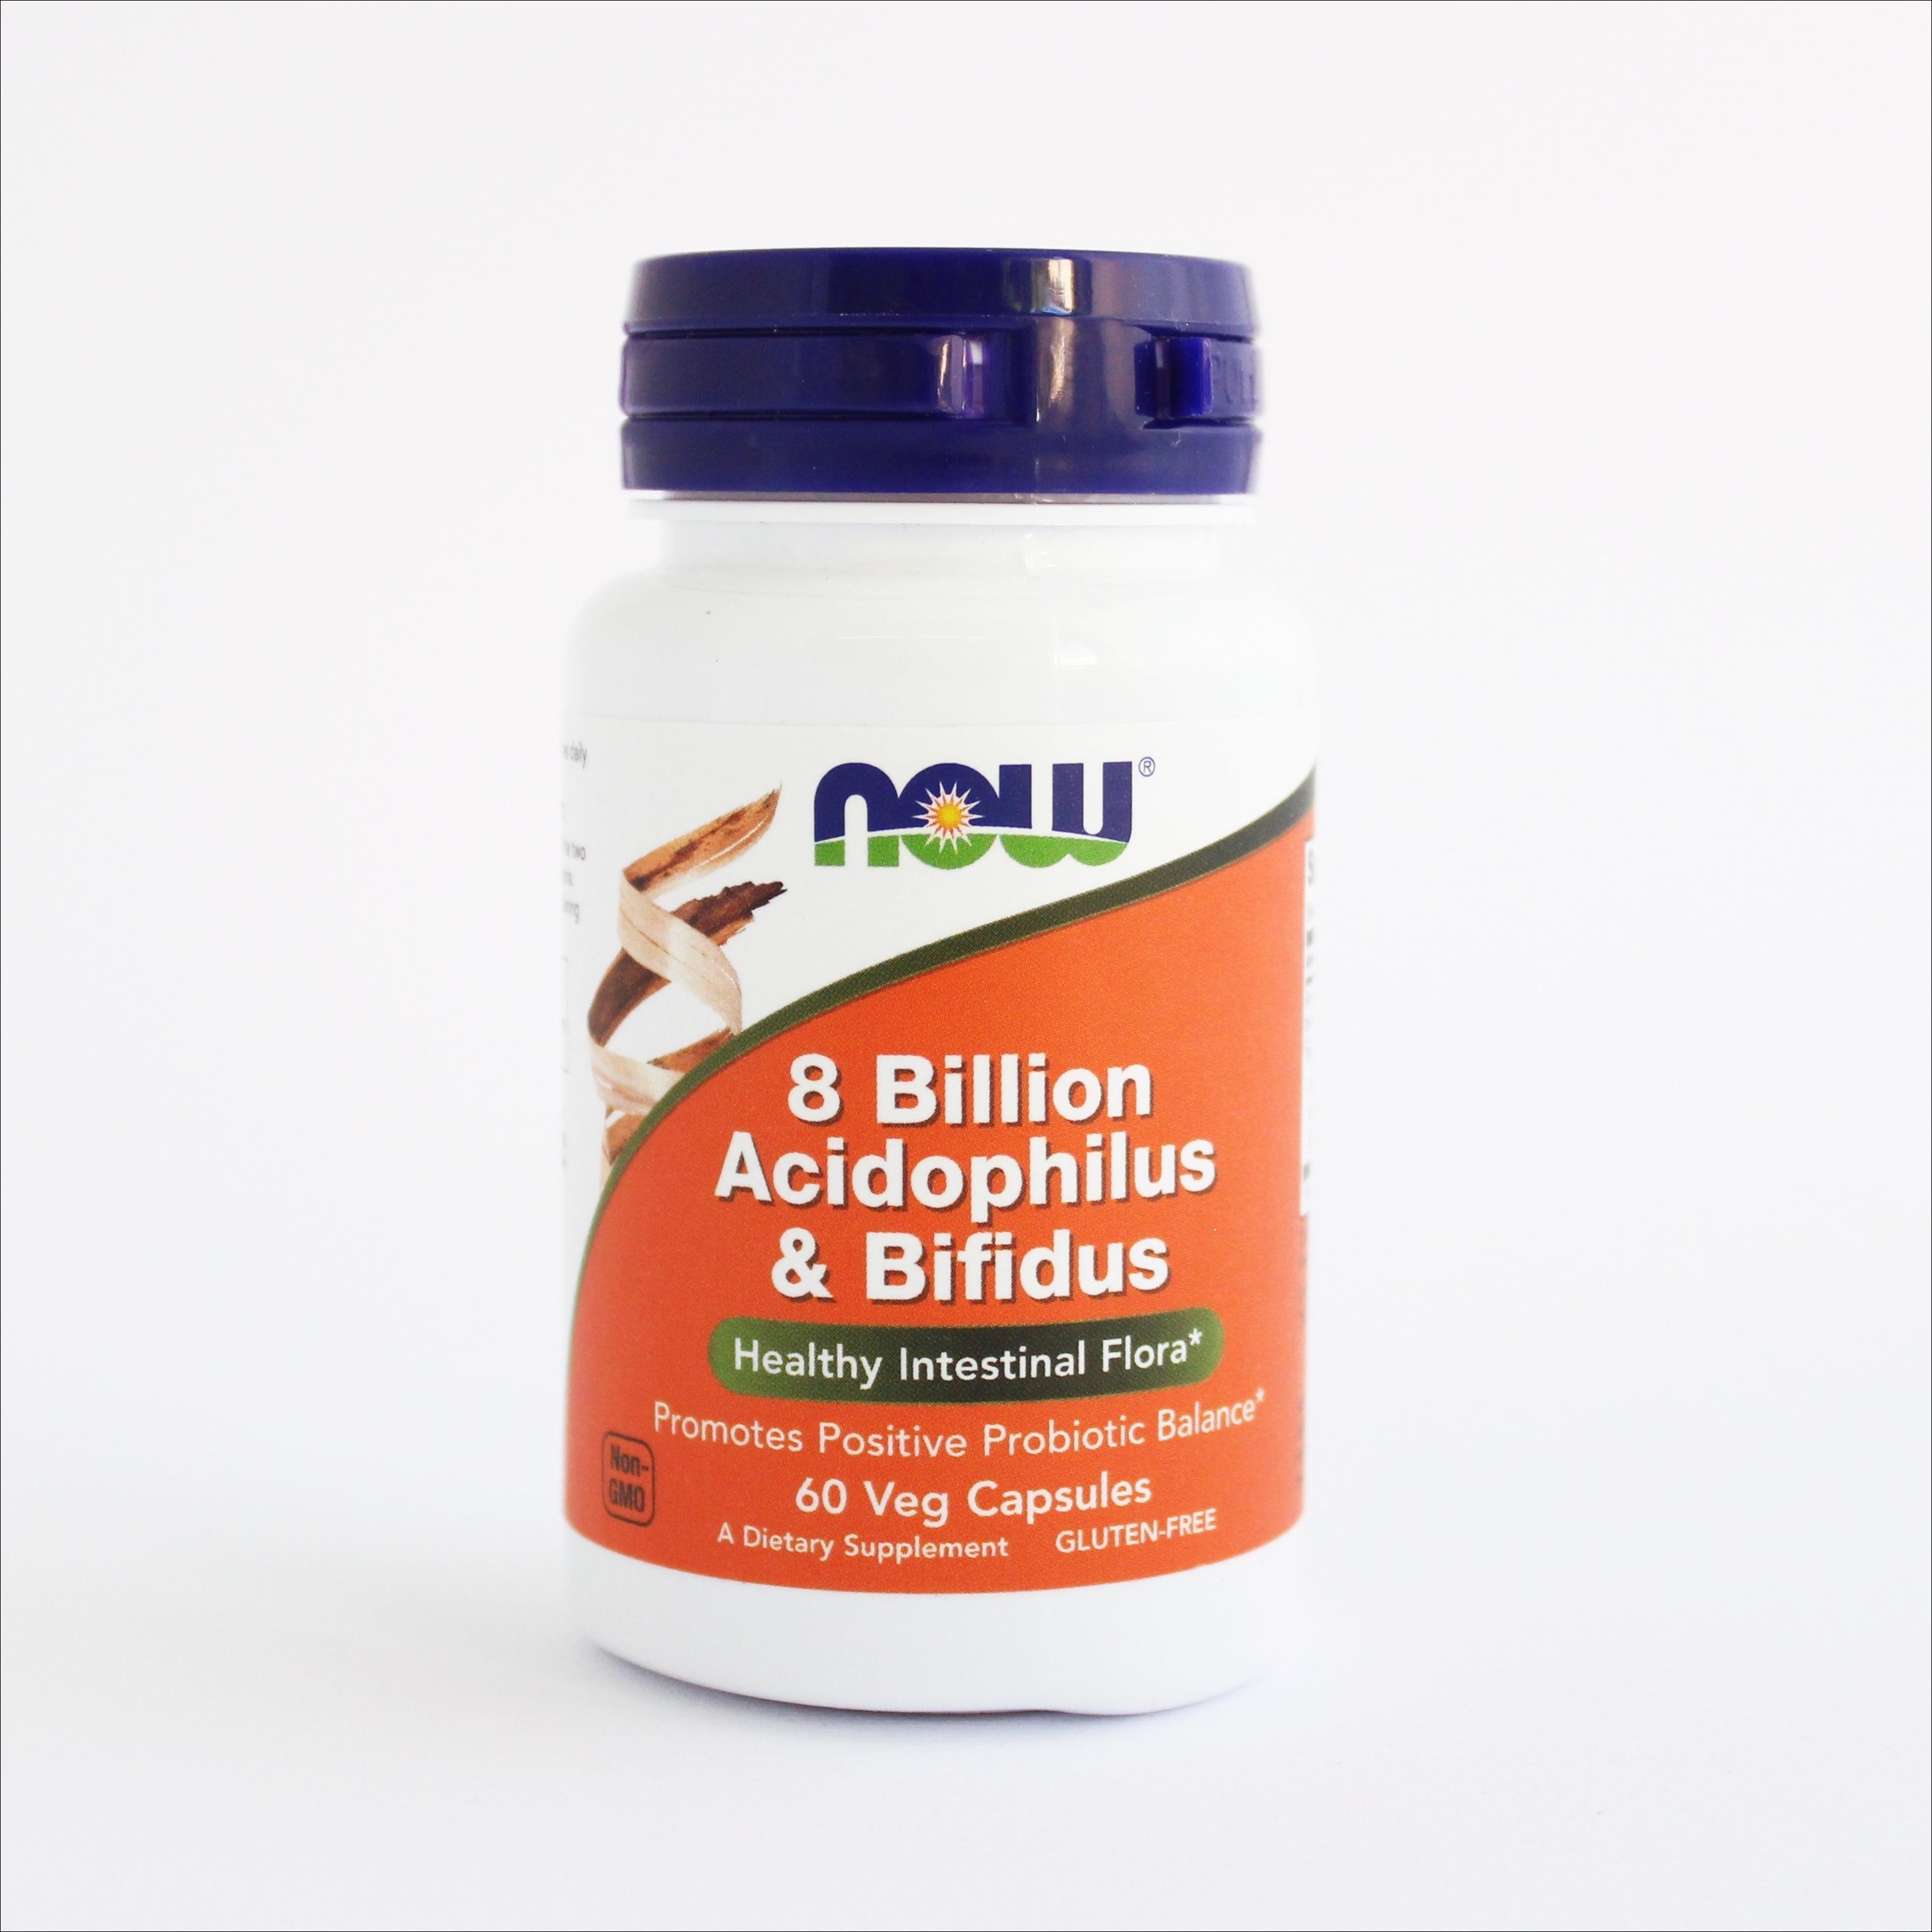 Now 8 Billion Acidophilus & Bifidus 00156